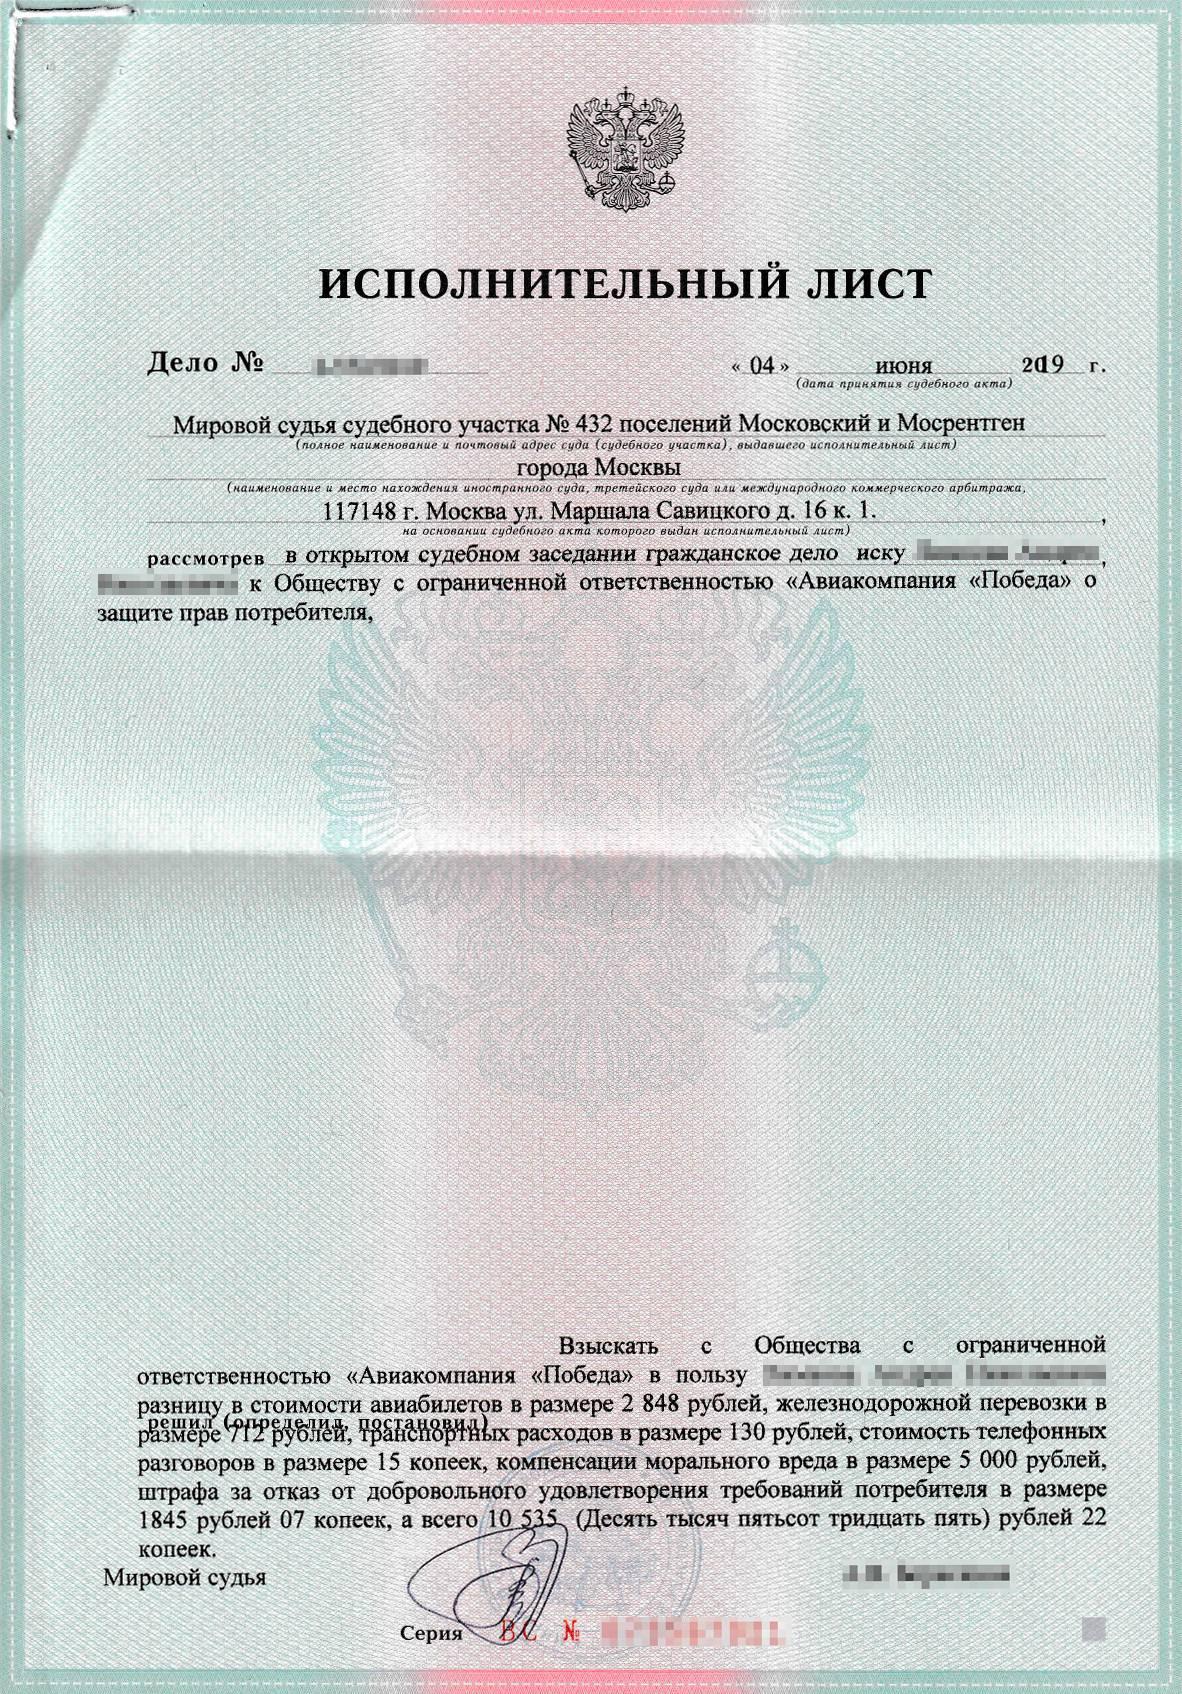 Исполнительный лист — главный документ длявосстановления справедливости